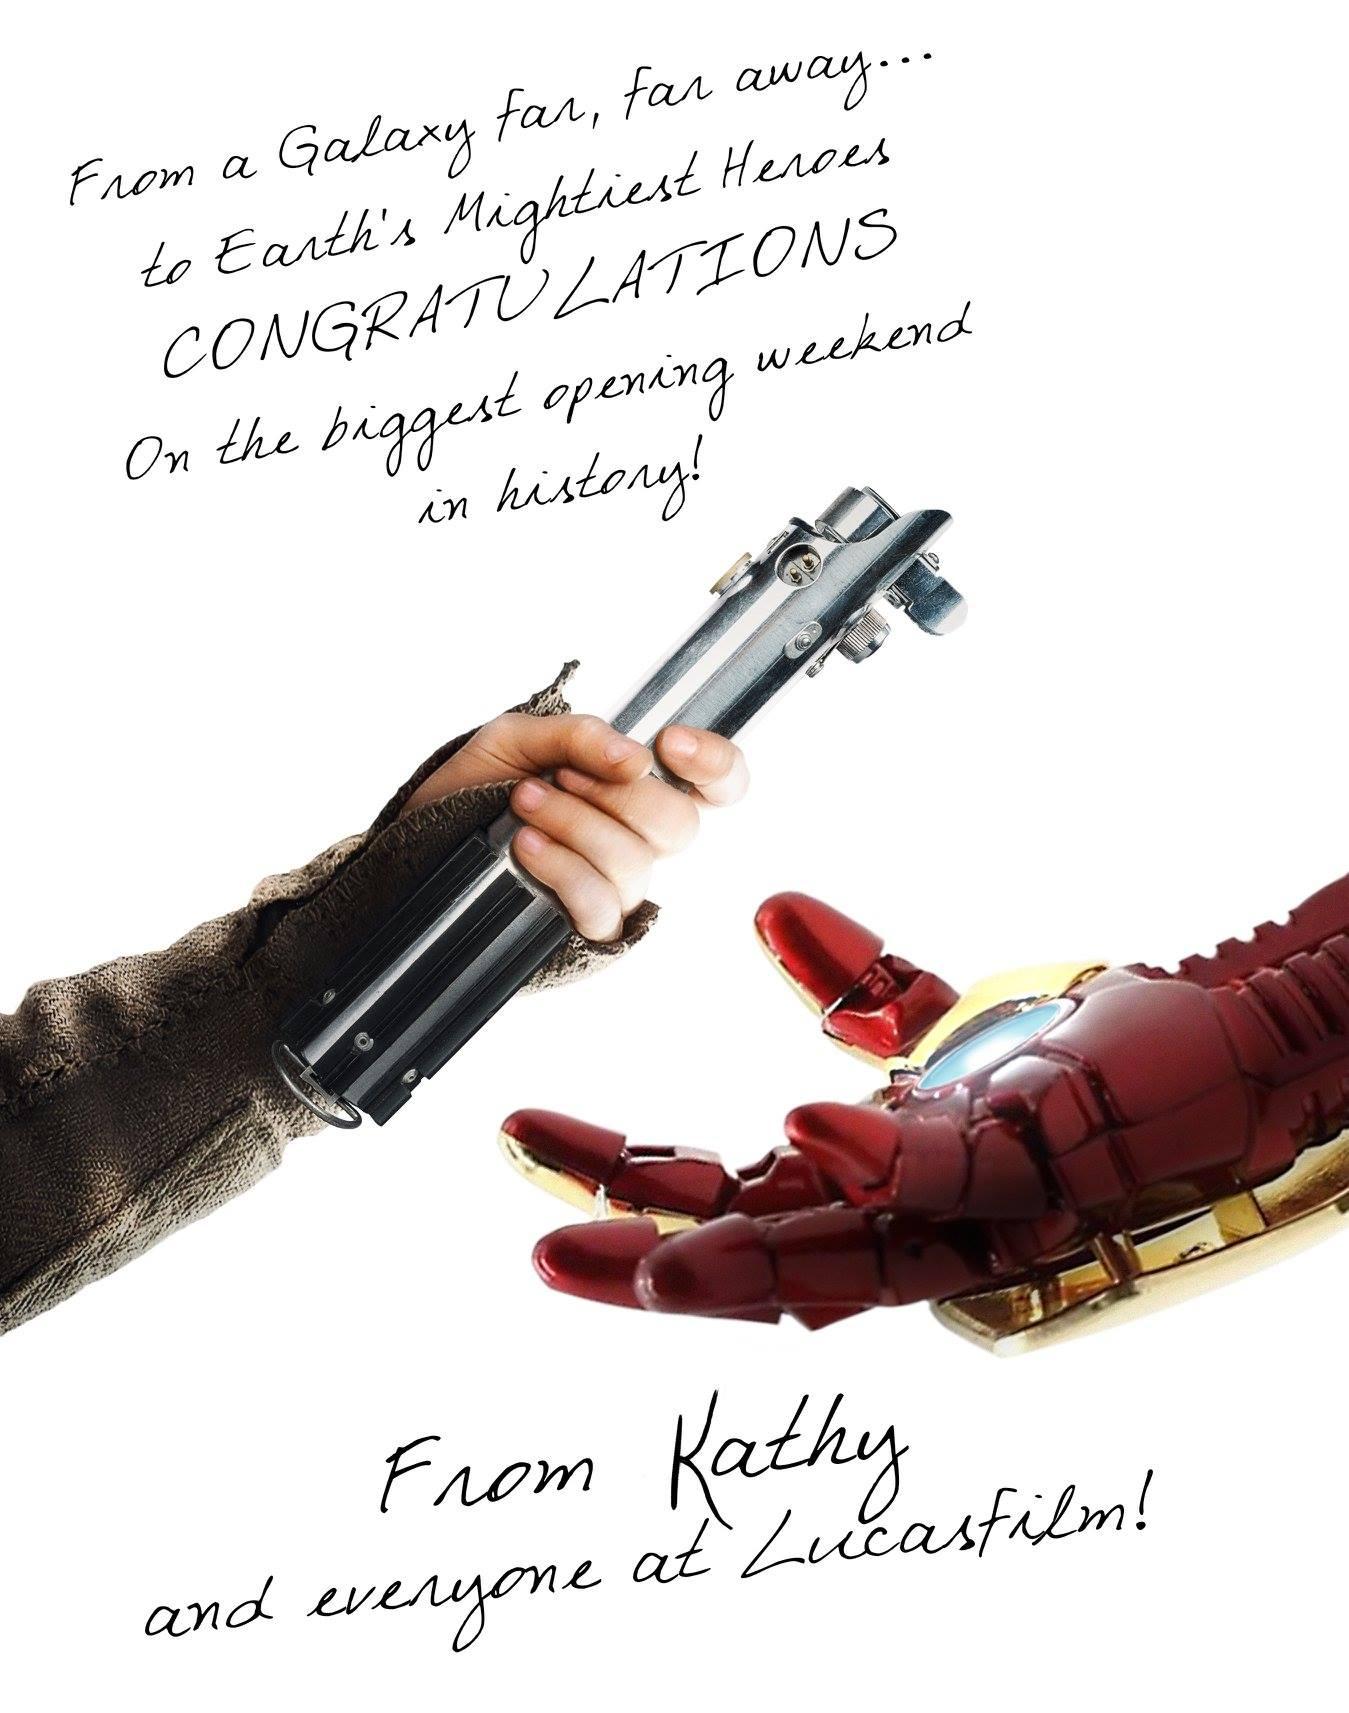 Plagát od štúdia Lucasfilm, ktorý gratuluje Infinity War, keď sa im podarilo poraziť ich stanovený rekord za najväčší otvárak v histórii